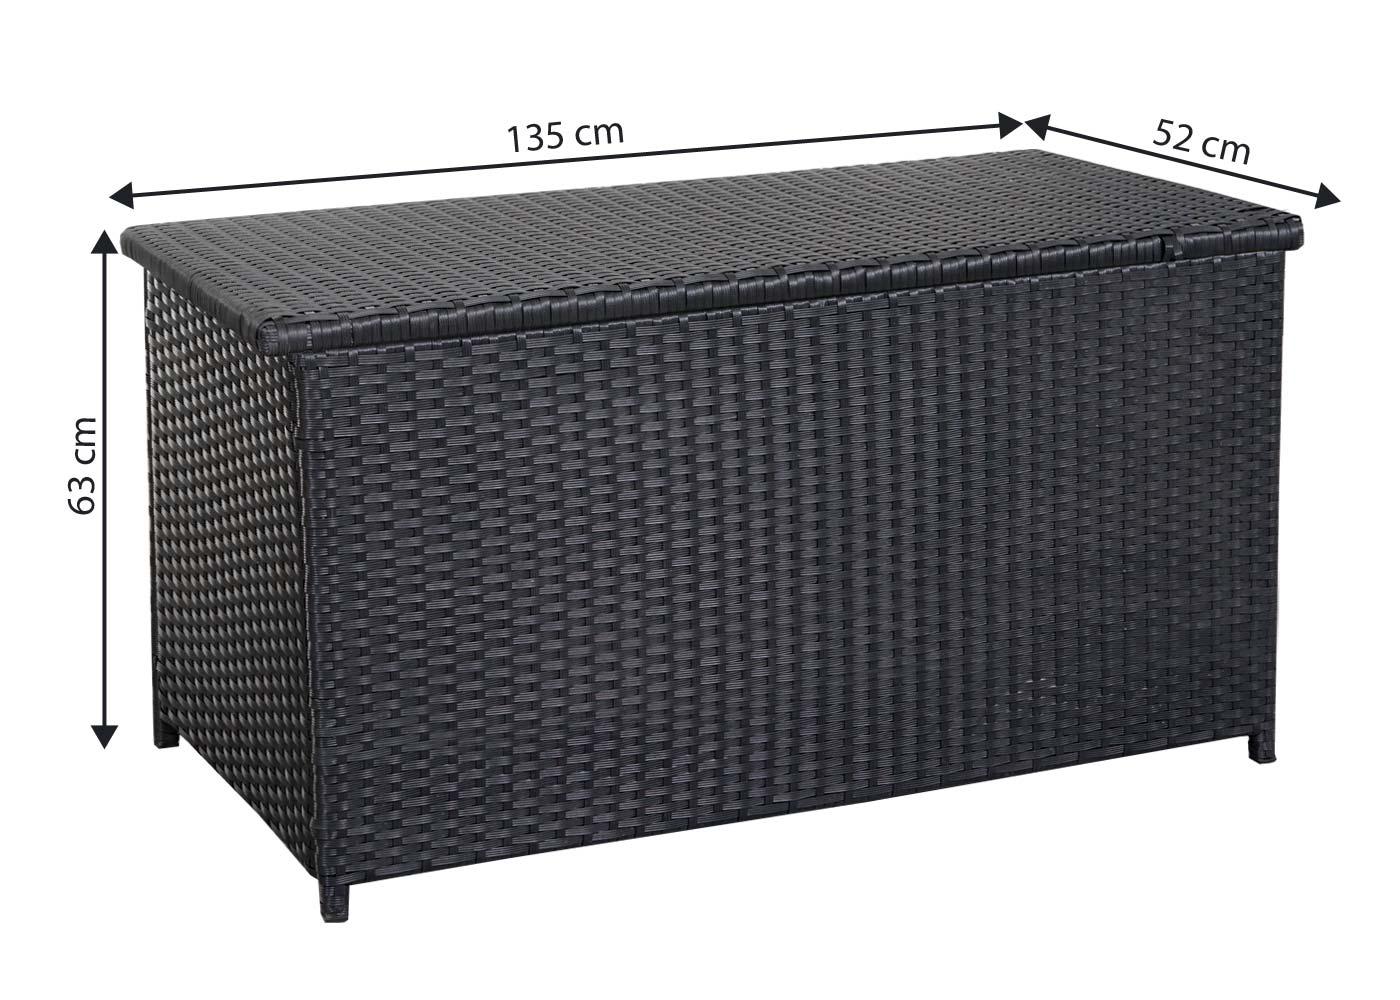 Poly-Rattan Poly-Rattan Poly-Rattan Kissenbox HWC-D43, Truhe Auflagenbox Gartentruhe, 63x135x52cm 290l dc4f5e